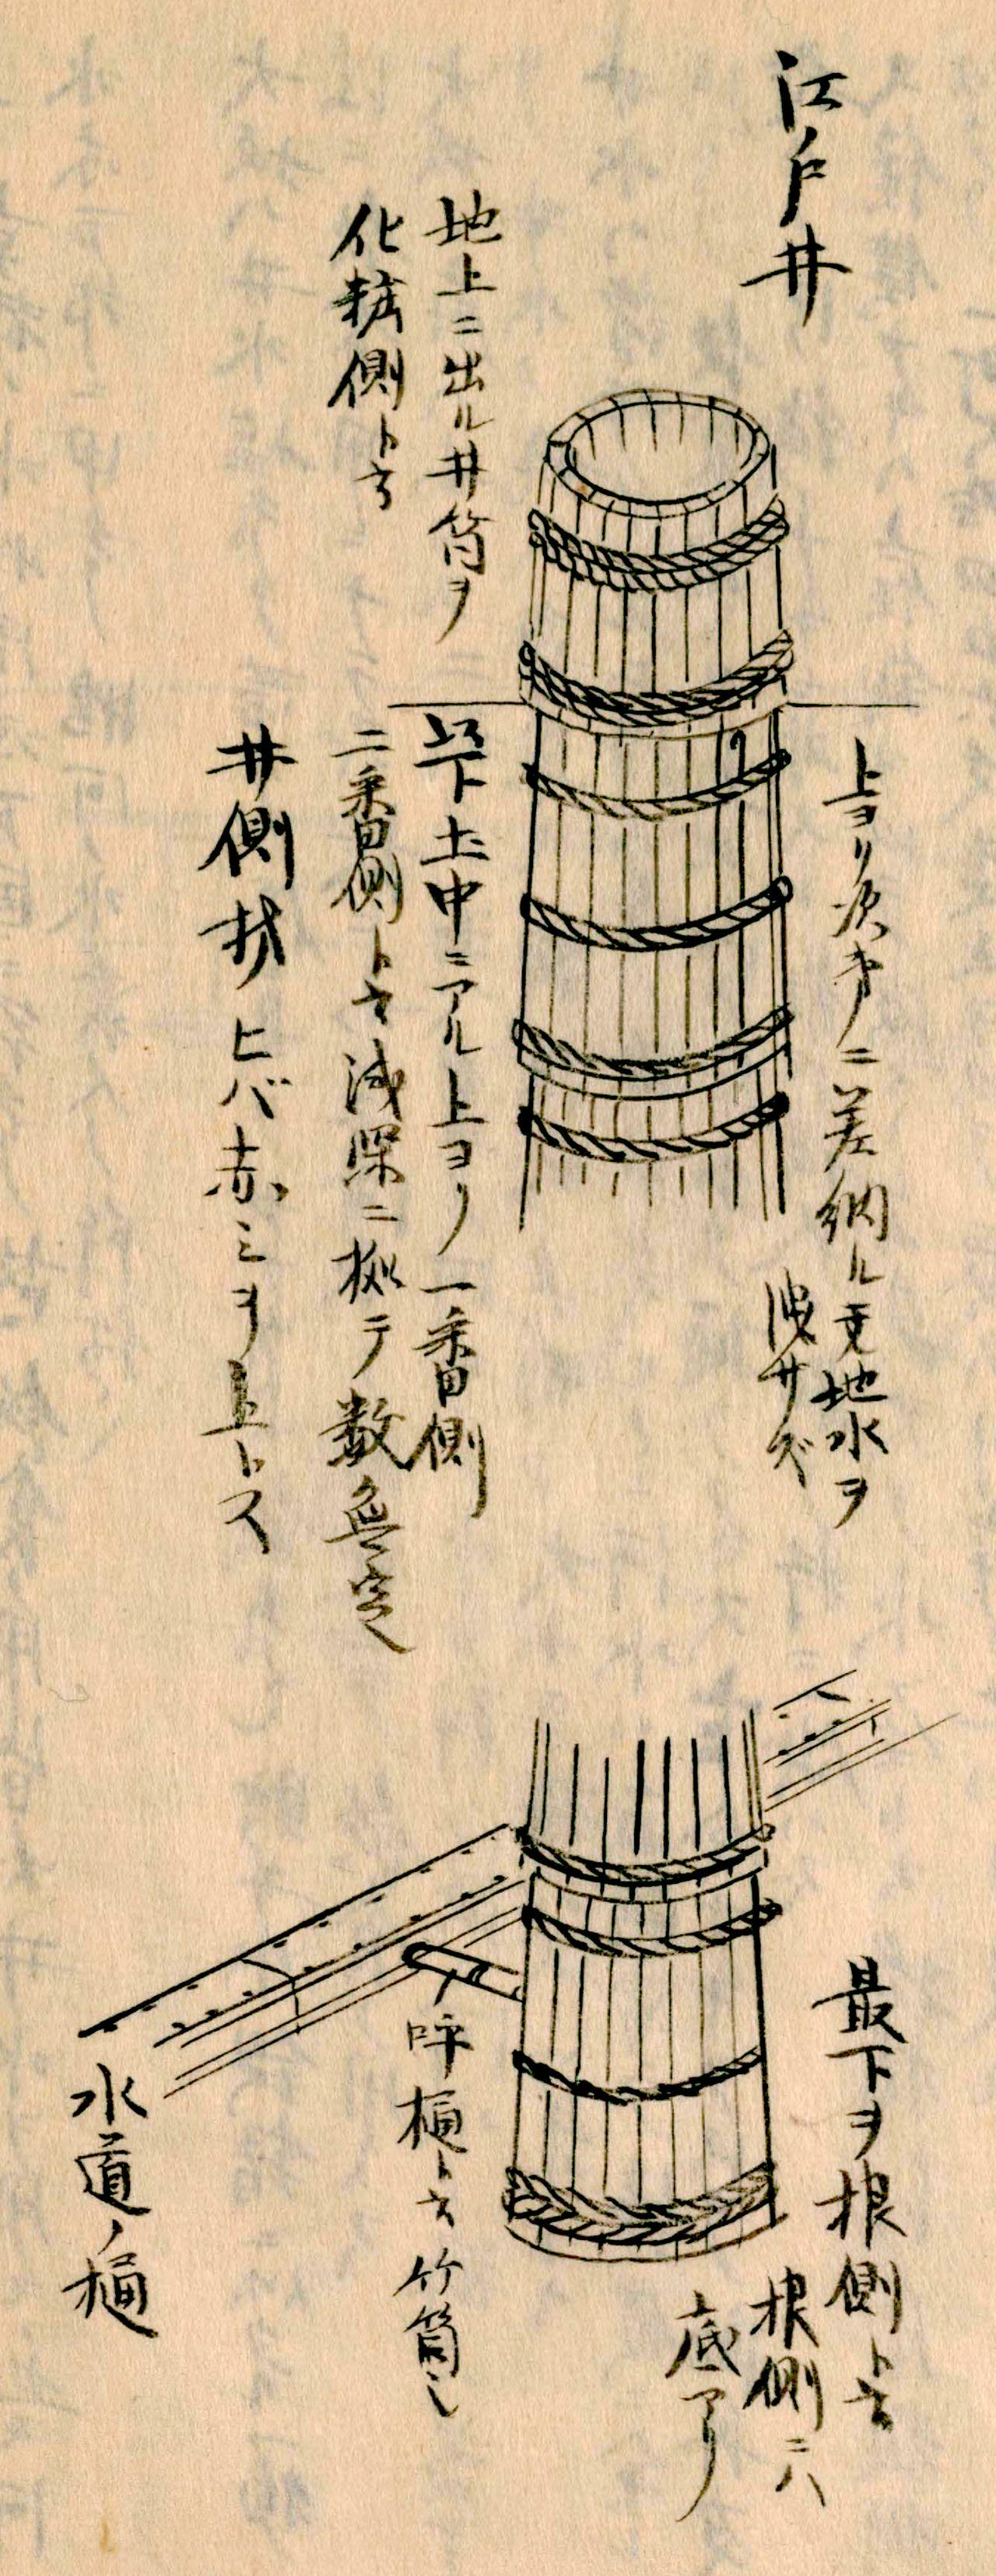 Фрагмент «Морисада манко», Национальная парламентская библиотека